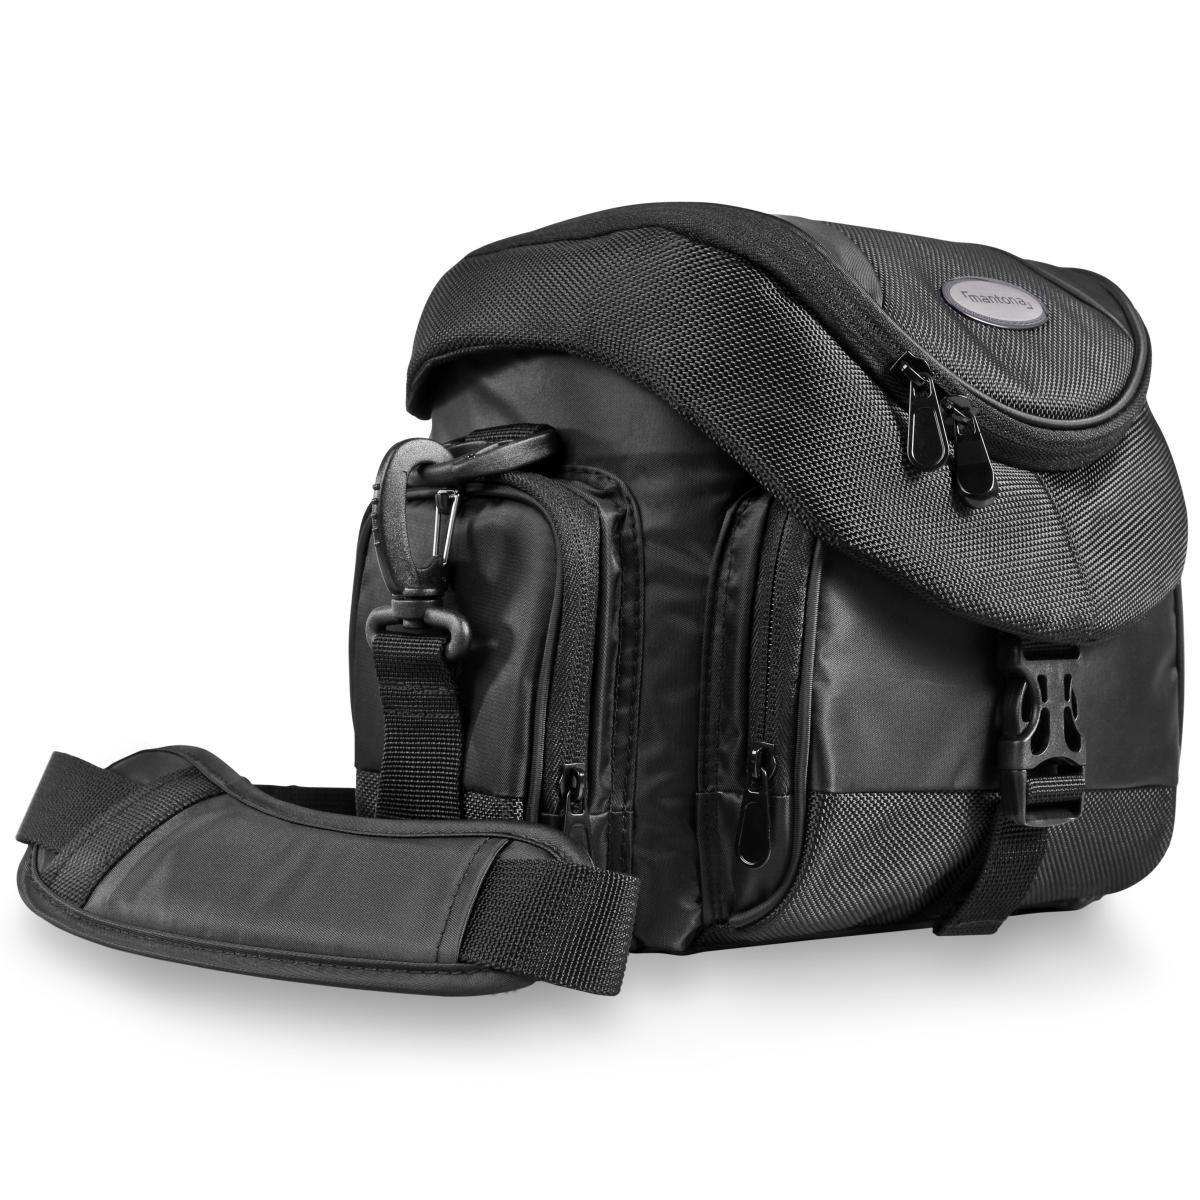 Mantona Premium DSLR-Kameratasche schwarz: Amazon.de: Kamera